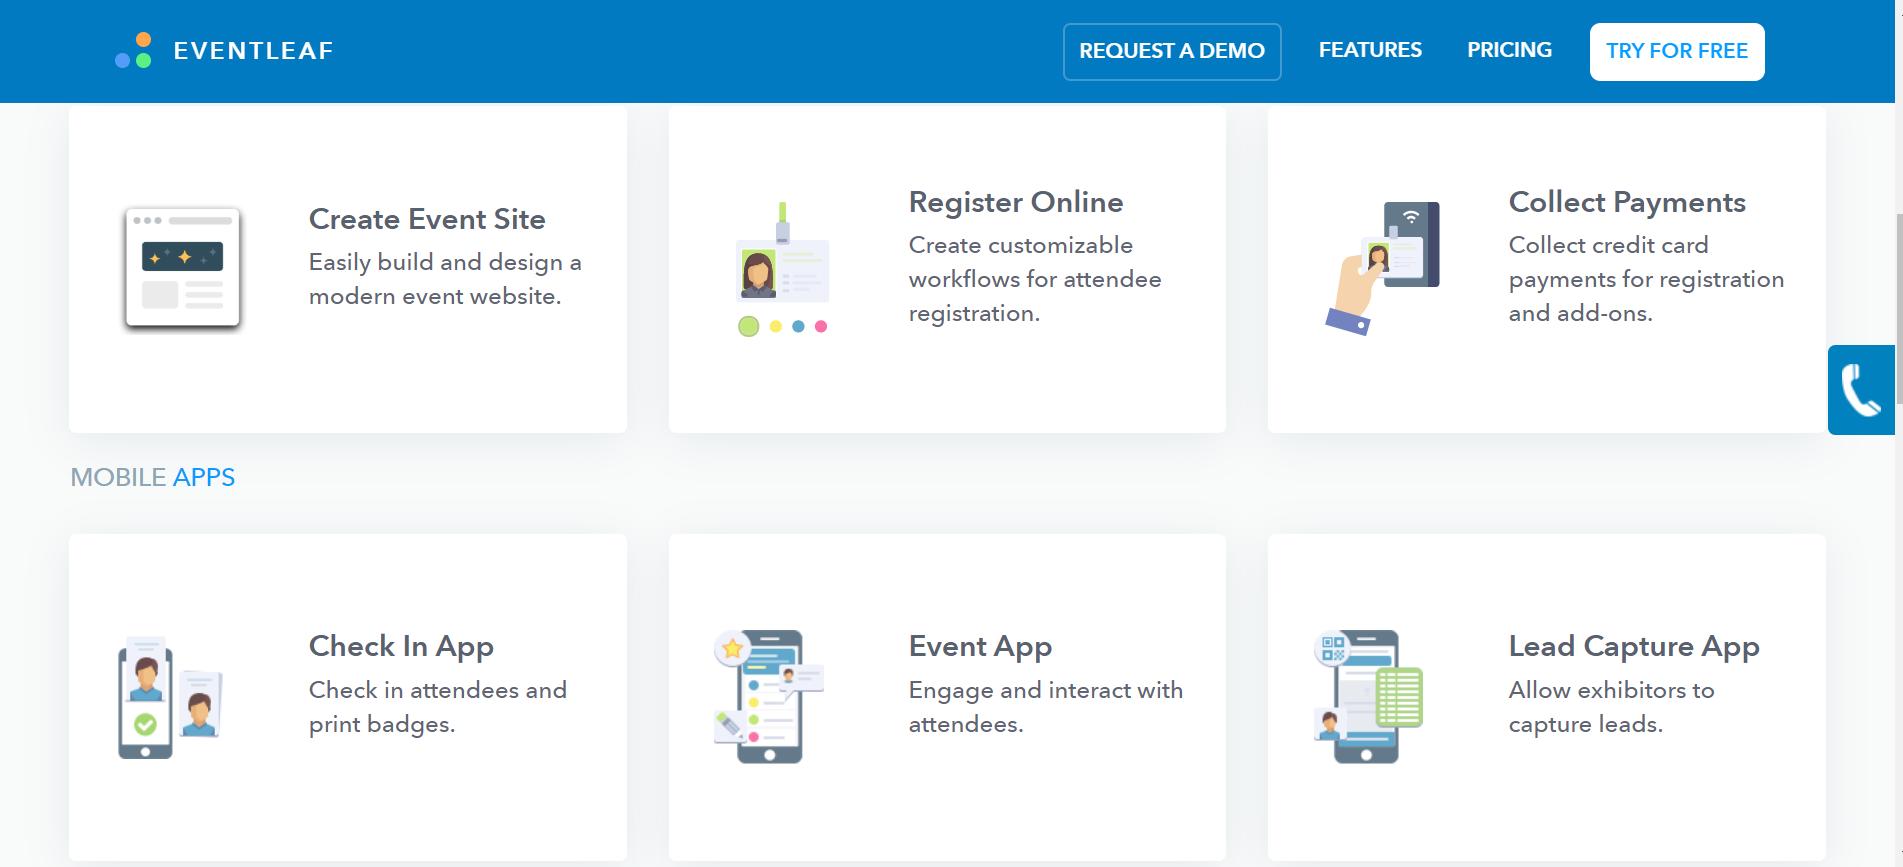 Eventleaf-Eventleaf_Online_Event_Registration_Management_Software_and_Apps features